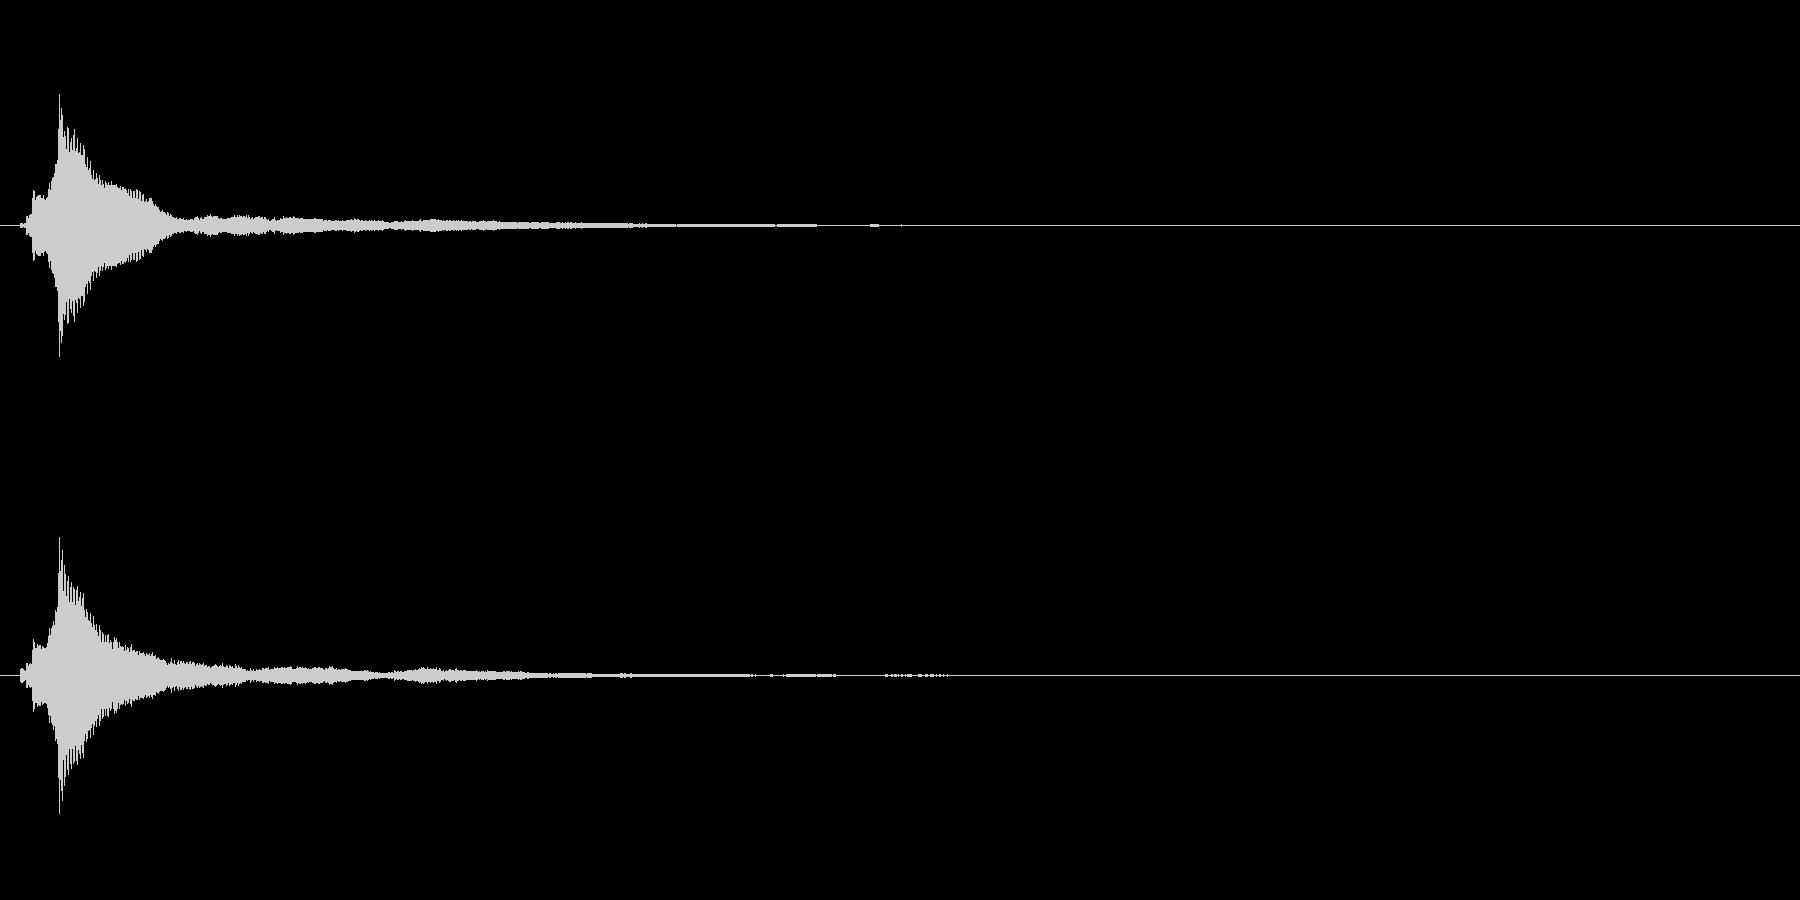 キラキラ系_001の未再生の波形